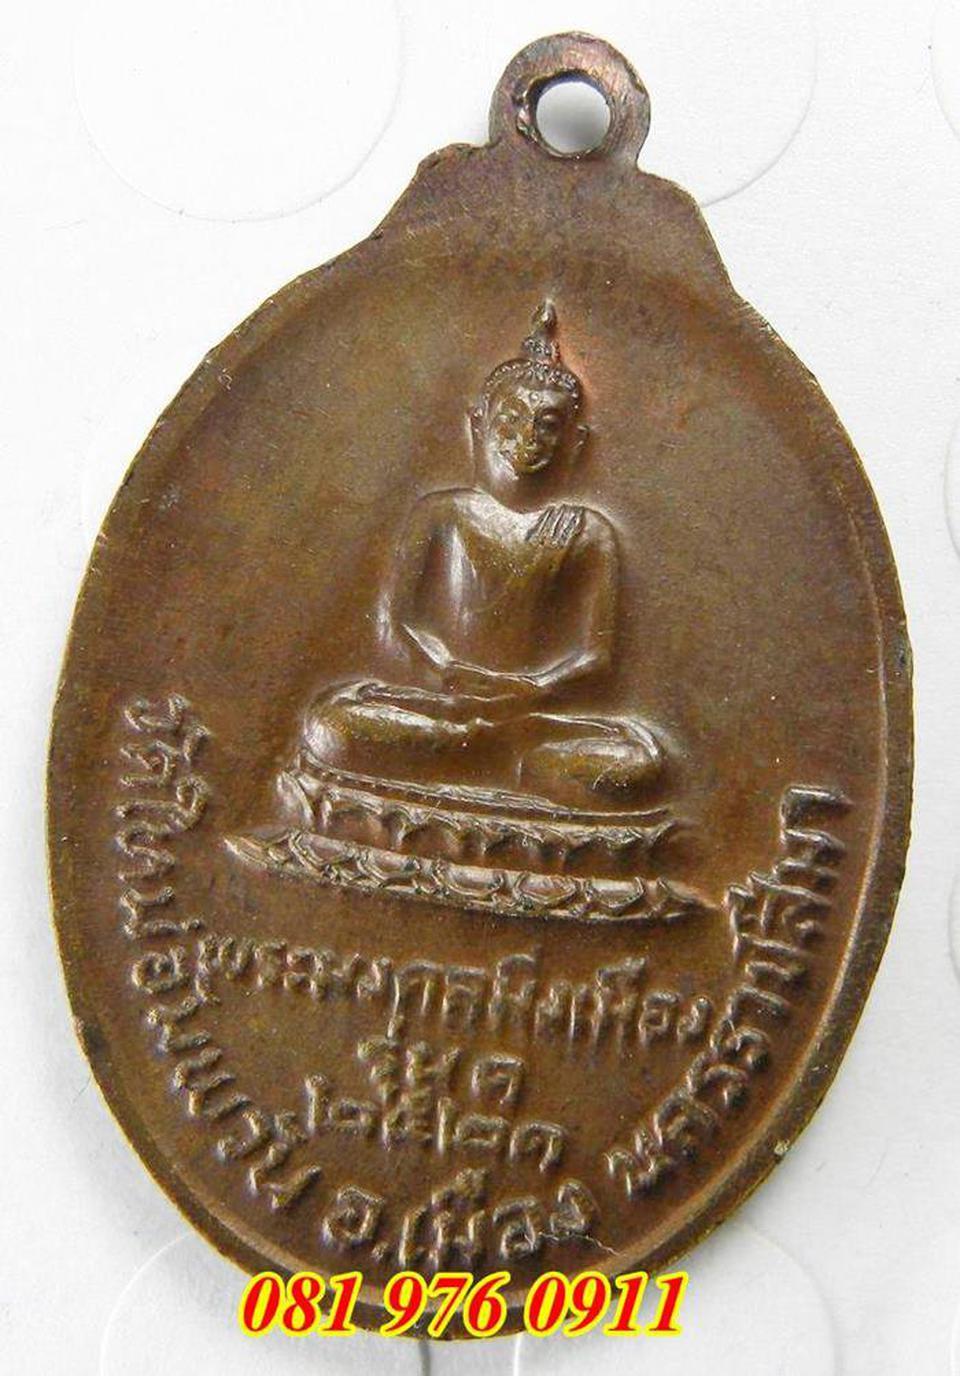 N 28. เหรียญหันข้างรุ่นแรก หลวงพ่อคูณ พระมงคลมิ่งเมือง เนื้อ รูปที่ 2